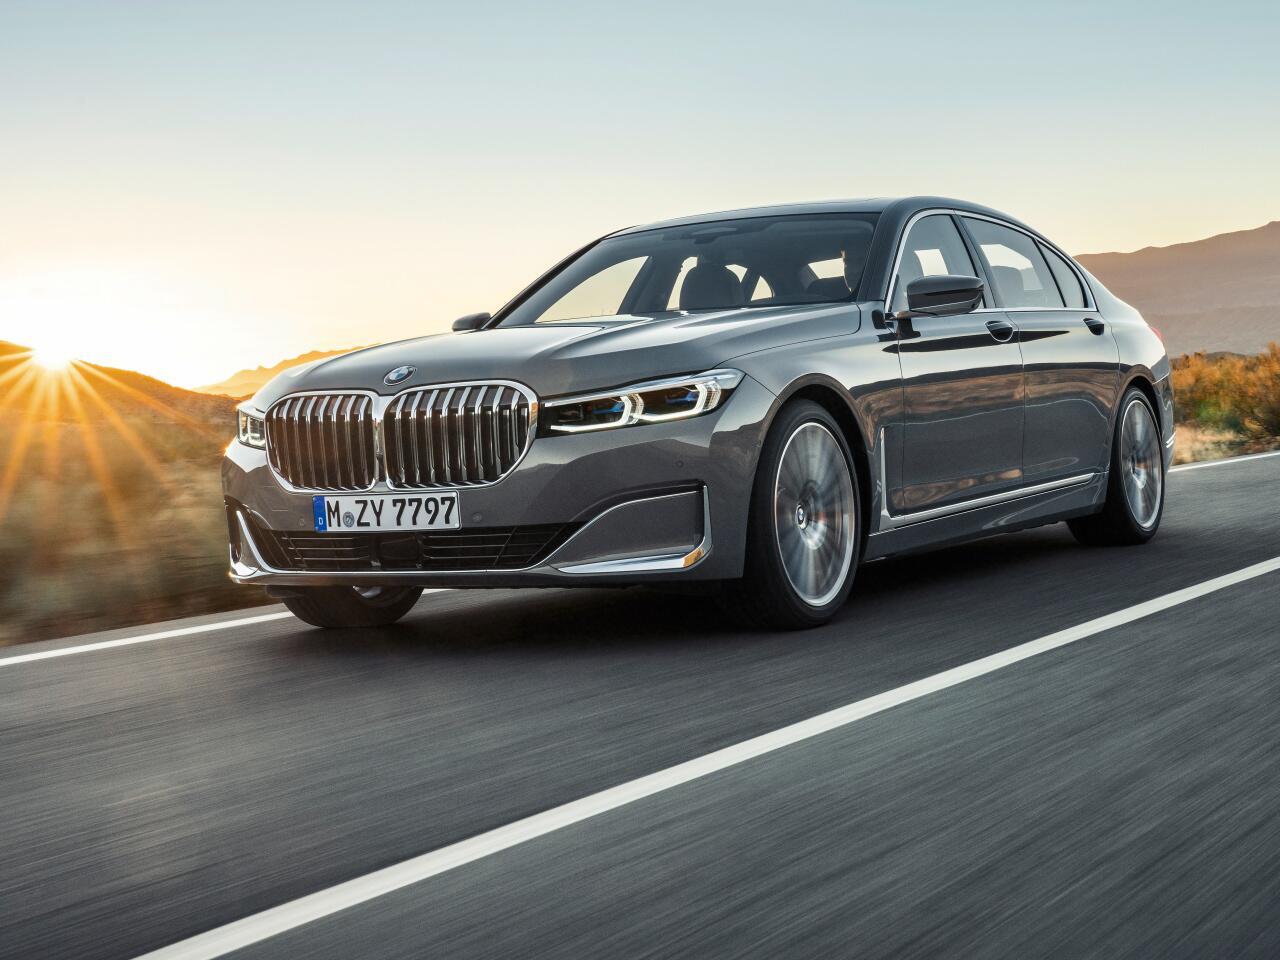 Bild zu Der neue BMW 7er: Spektakuläre Neuauflage der bayrischen Luxuslimousine